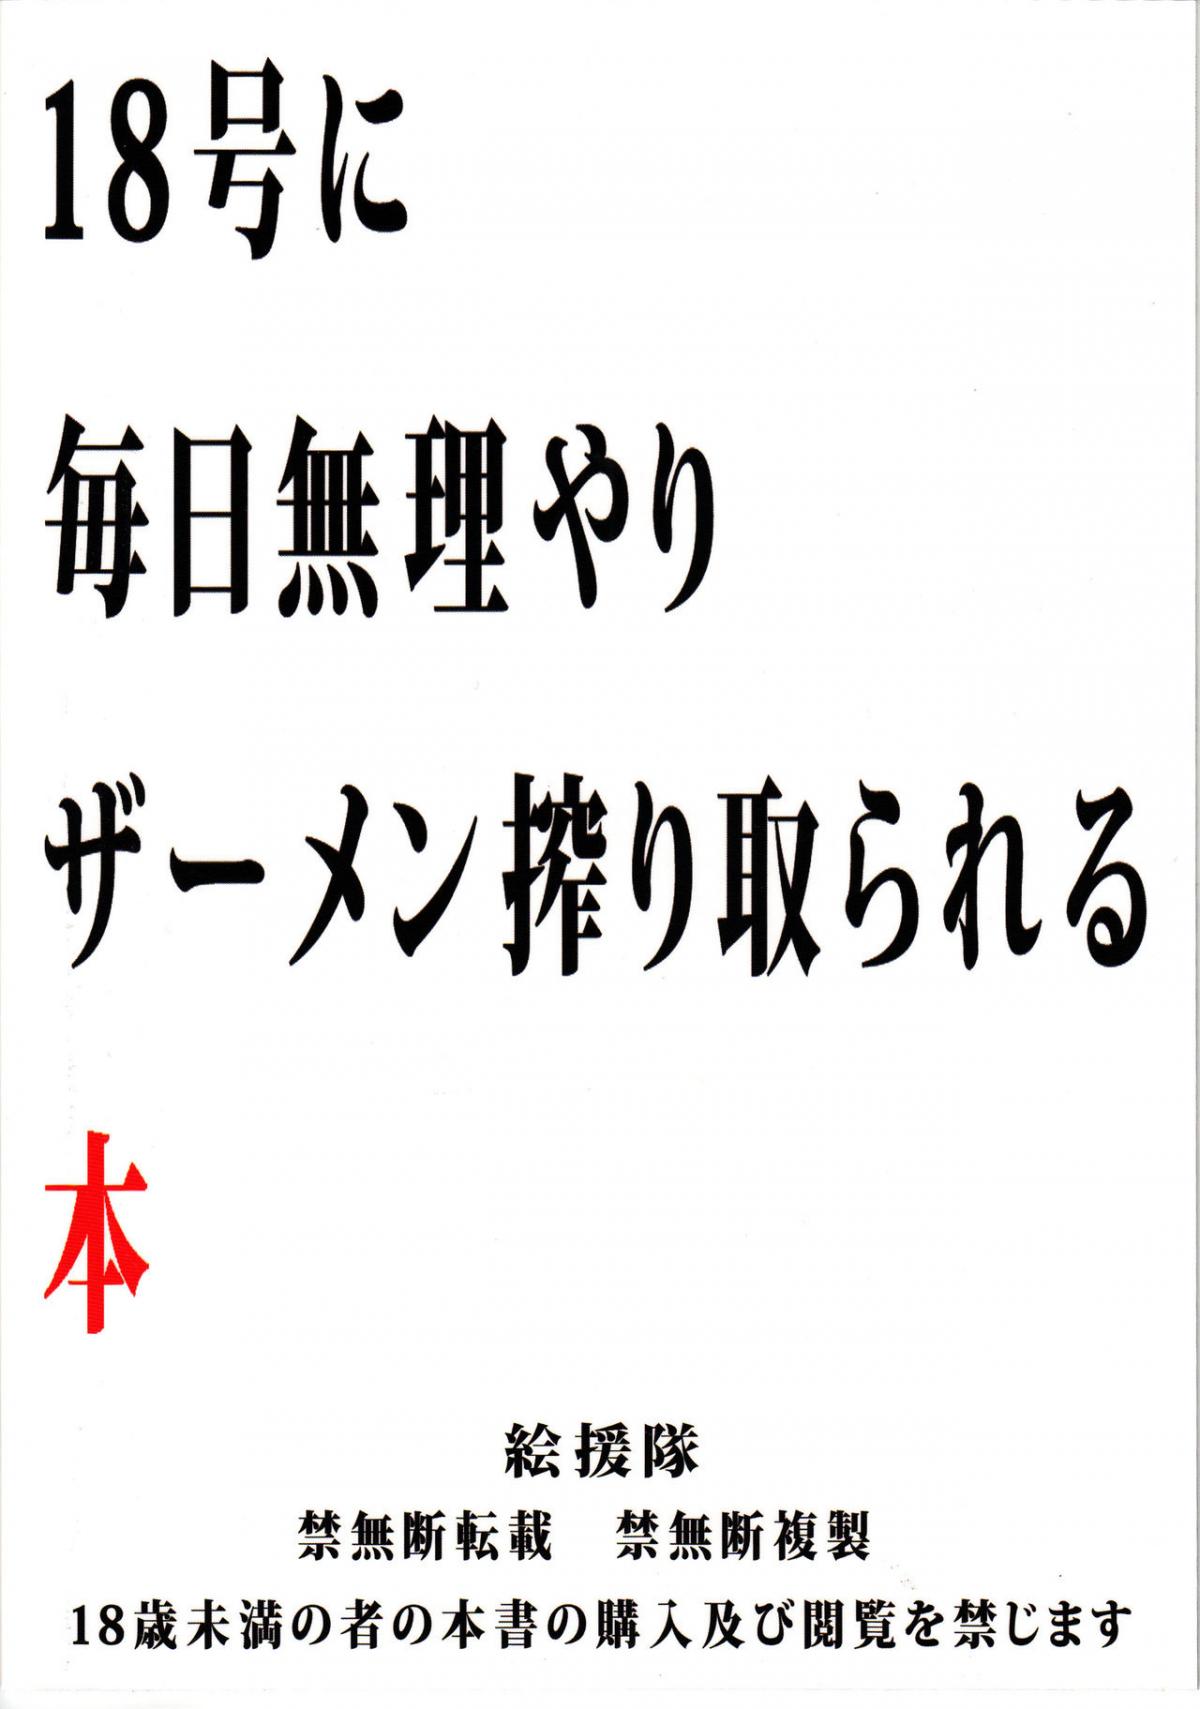 HentaiVN.net - Ảnh 35 - 18-gou ni Mainichi Muriyari Semen Shiboritorareru Hon - A Book About Getting Your Semen Forcibly Squeezed Out By No. 18 Every Single Day - Oneshot